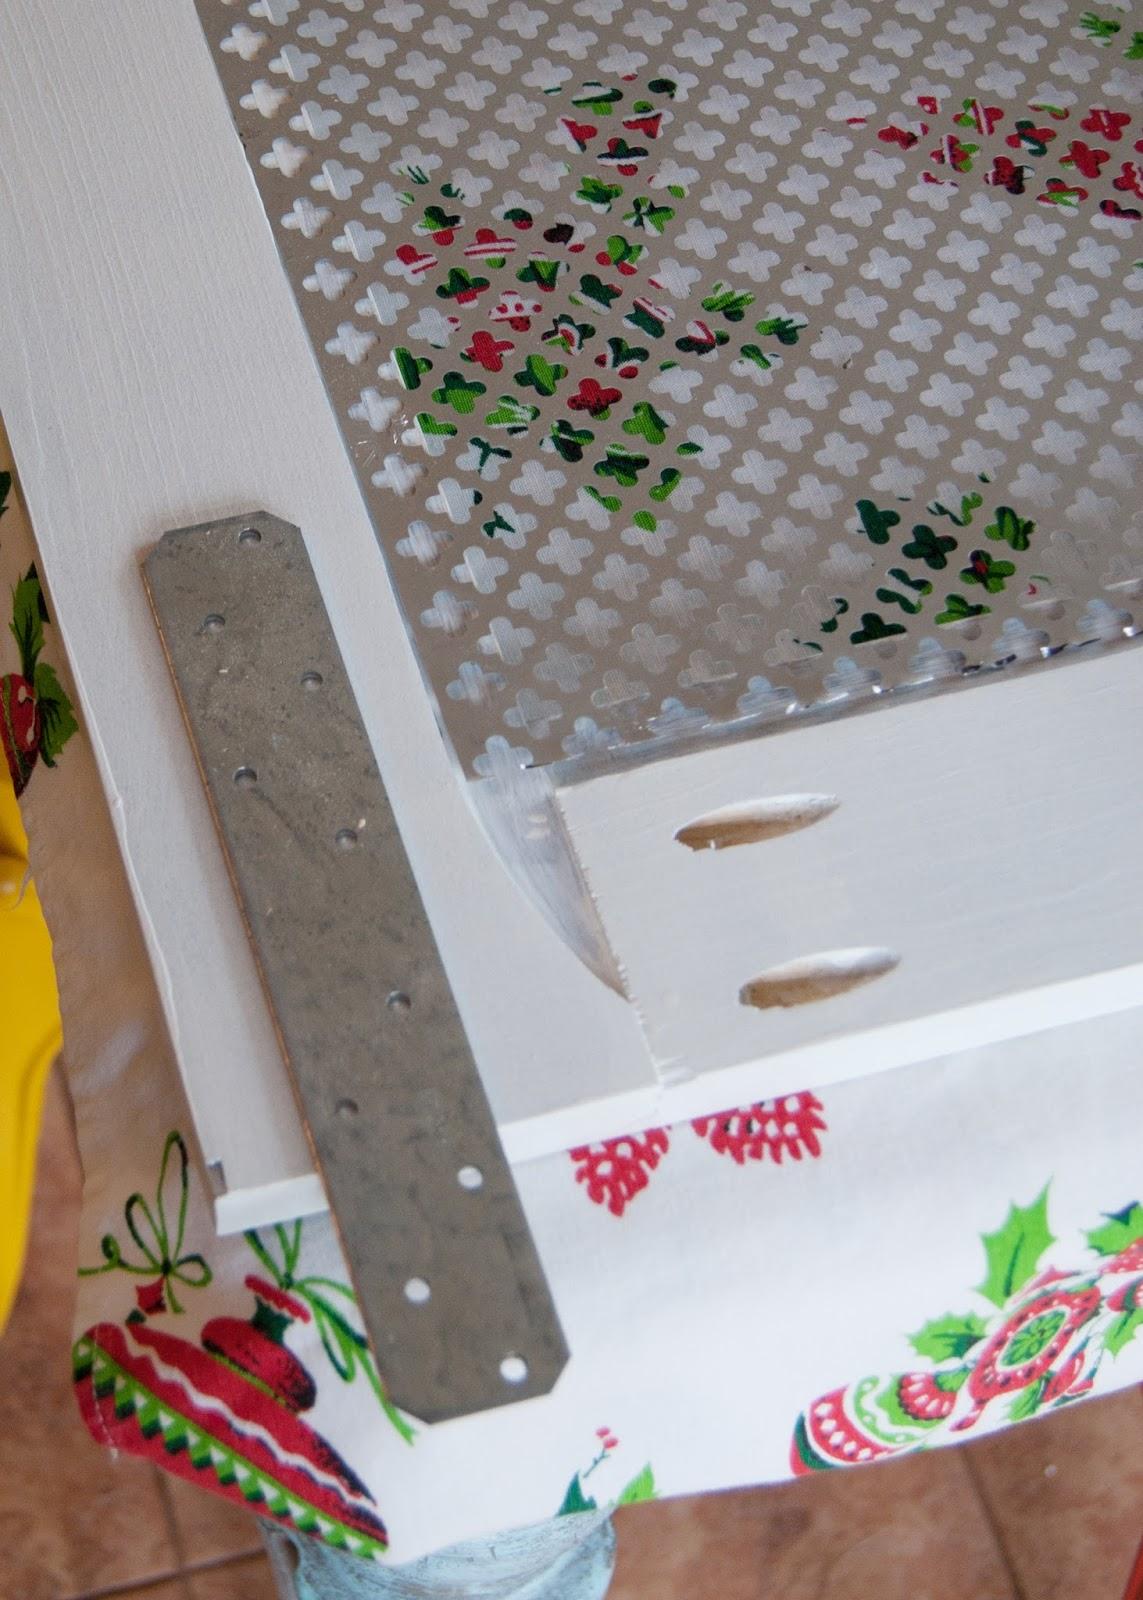 DIY Barn Door Window Cover for the Bathroom - attaching the barn door hardware